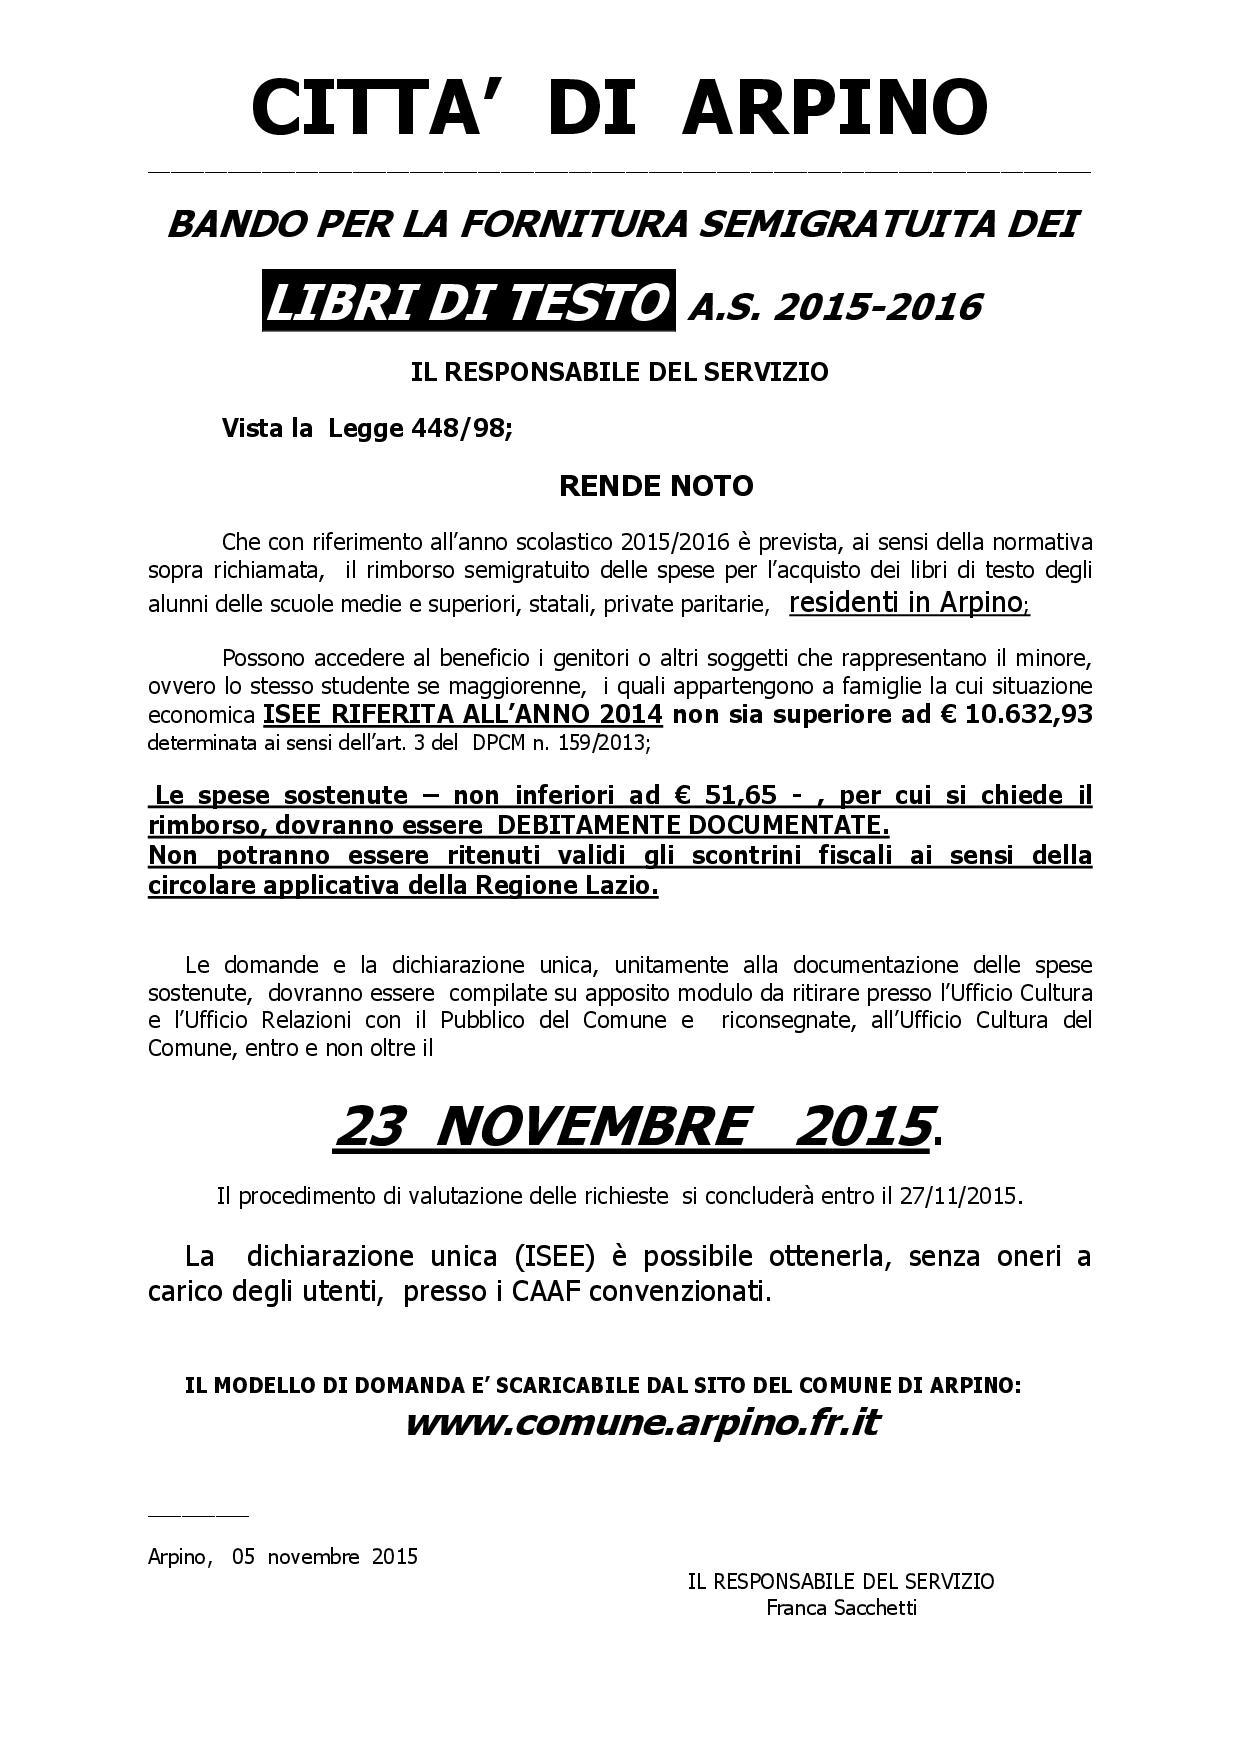 BANDO PER LA CONCESSIONE LIBRI DI TESTO